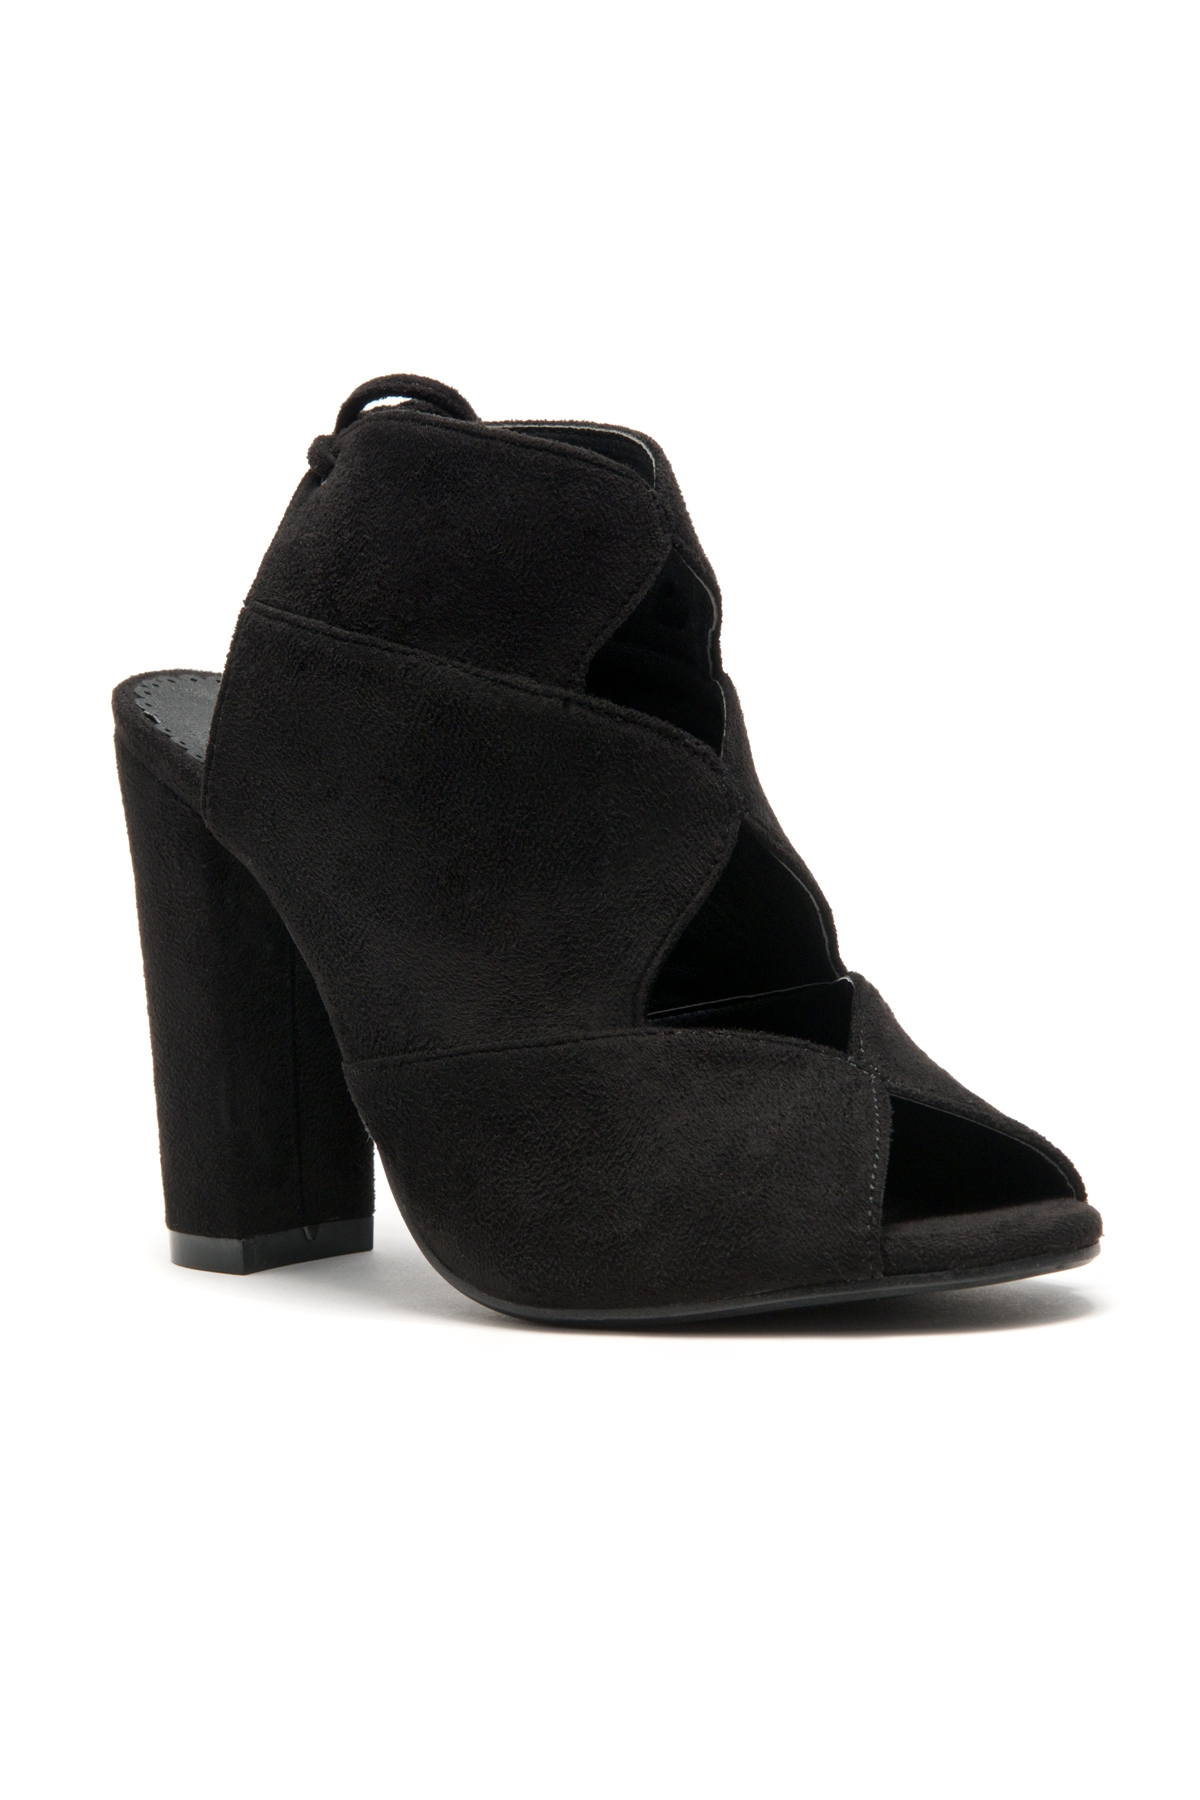 4862eeeaa9bc9 HerStyle Mocha Laser Cut, Chunky Heeled Sandals (Black)